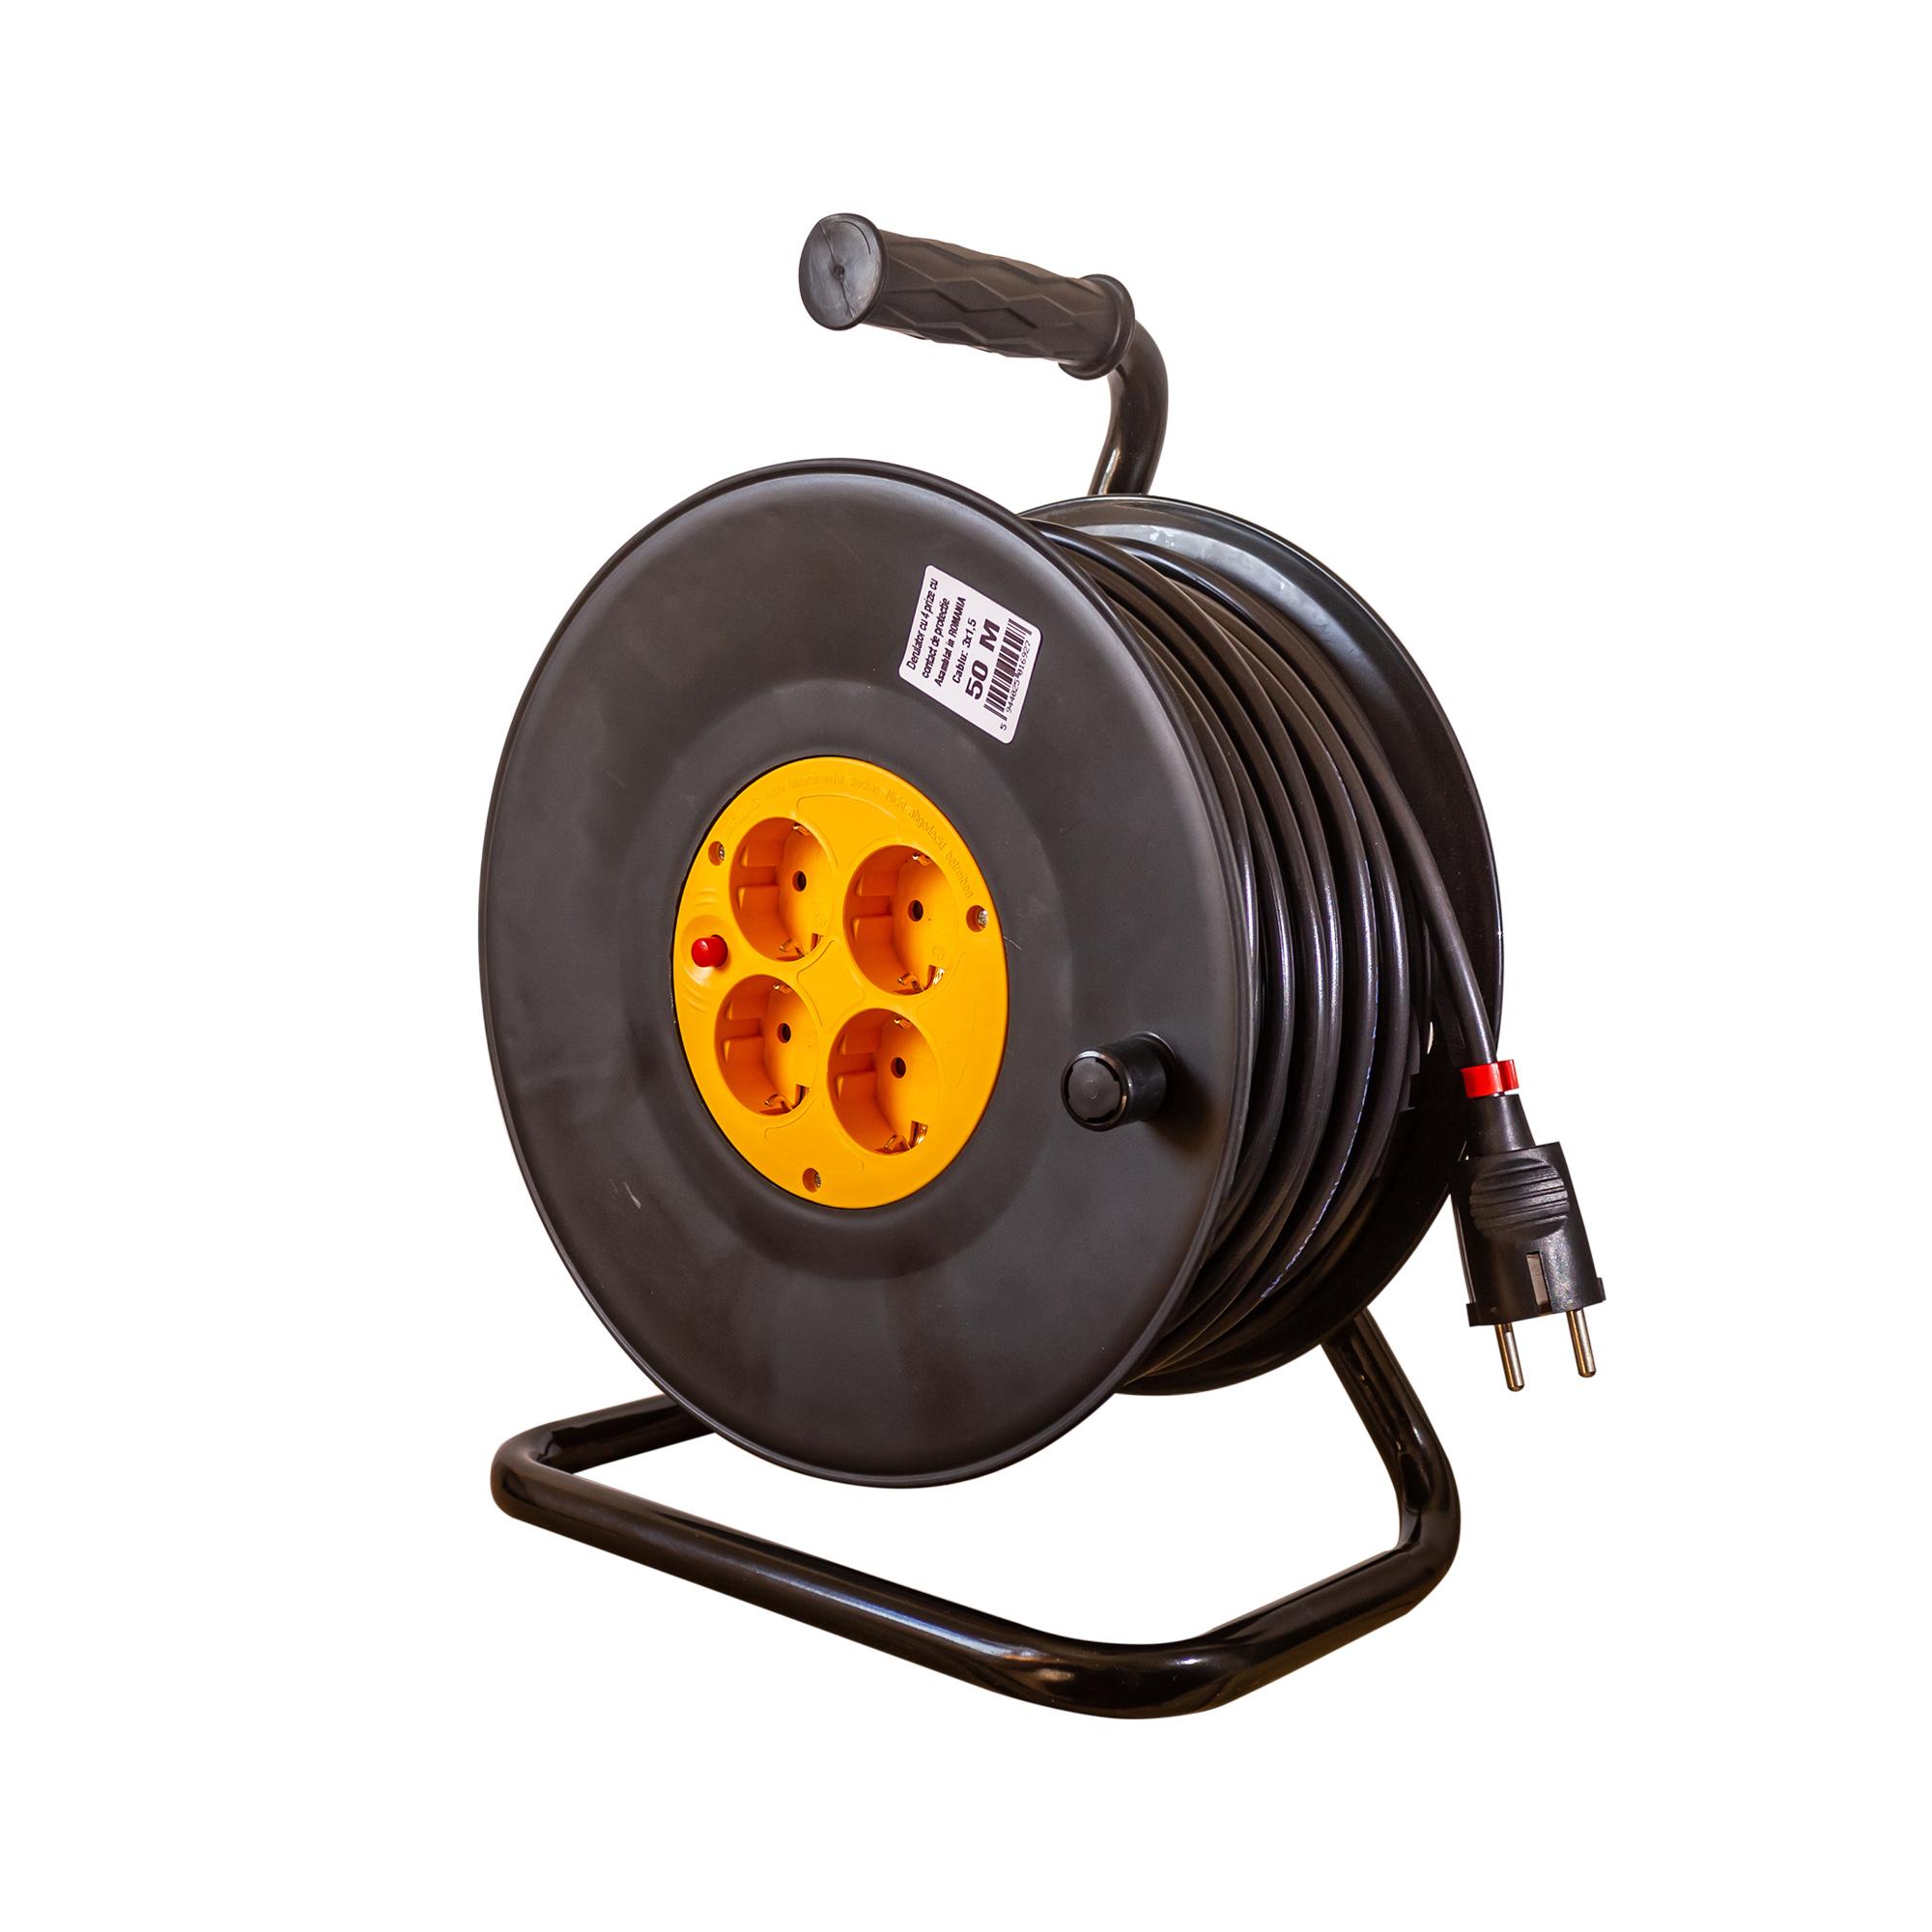 Derulator cablu electric cu 4 prize, Schuko, 3 x 1,5 mmp, 50 m mathaus 2021